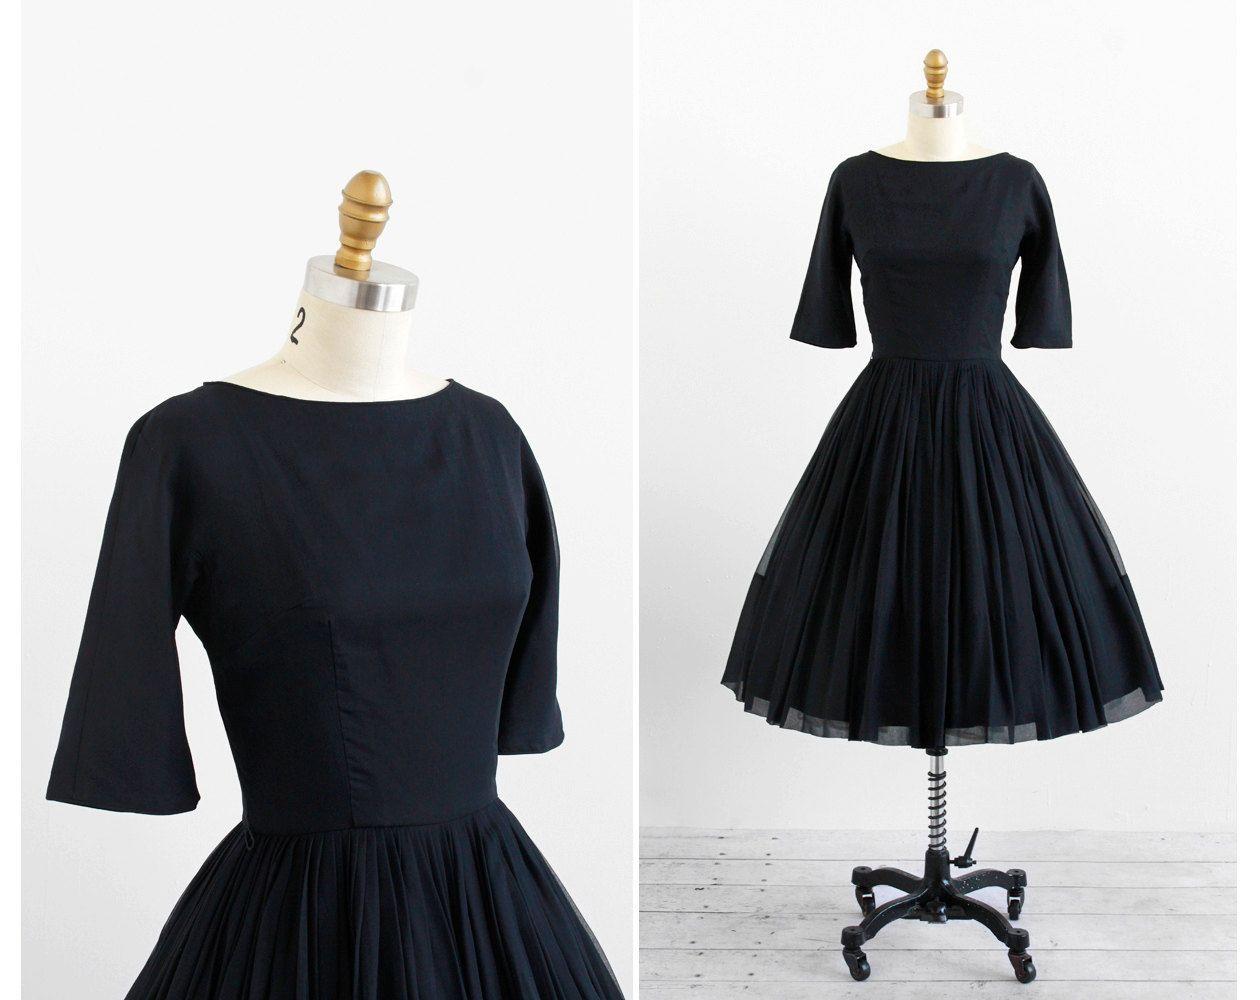 Vintage 1960s Dress Audrey Hepburn Dress Little Black Chiffon 1950s Party Dress Vintage Dresses 1960s 1950s Party Dresses 1960 S Dress [ 1000 x 1260 Pixel ]